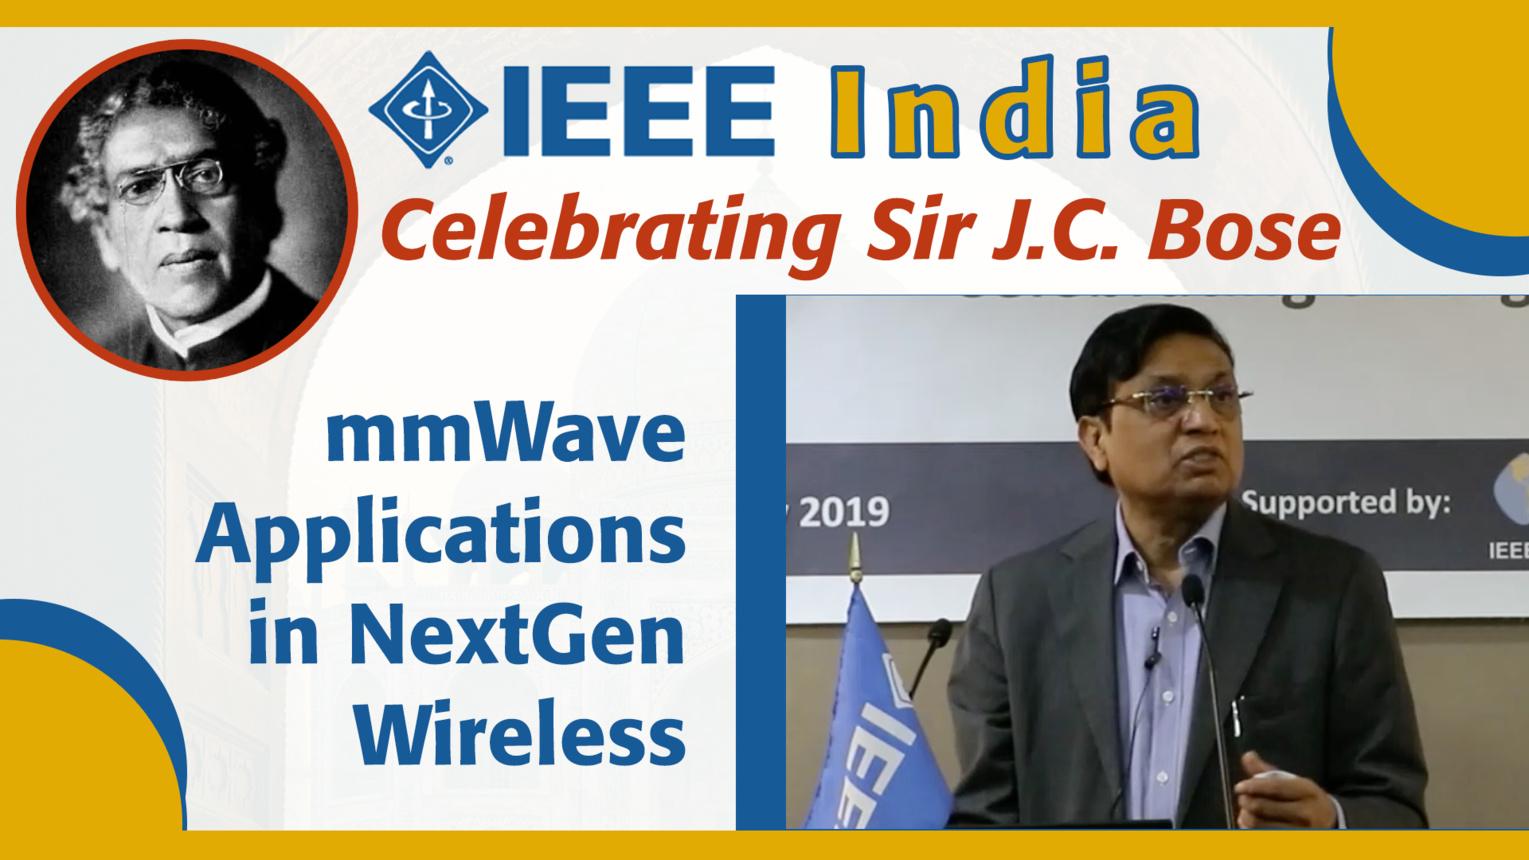 mmWave Applications in NextGen Wireless Broadband - C.S. Rao - IEEE India